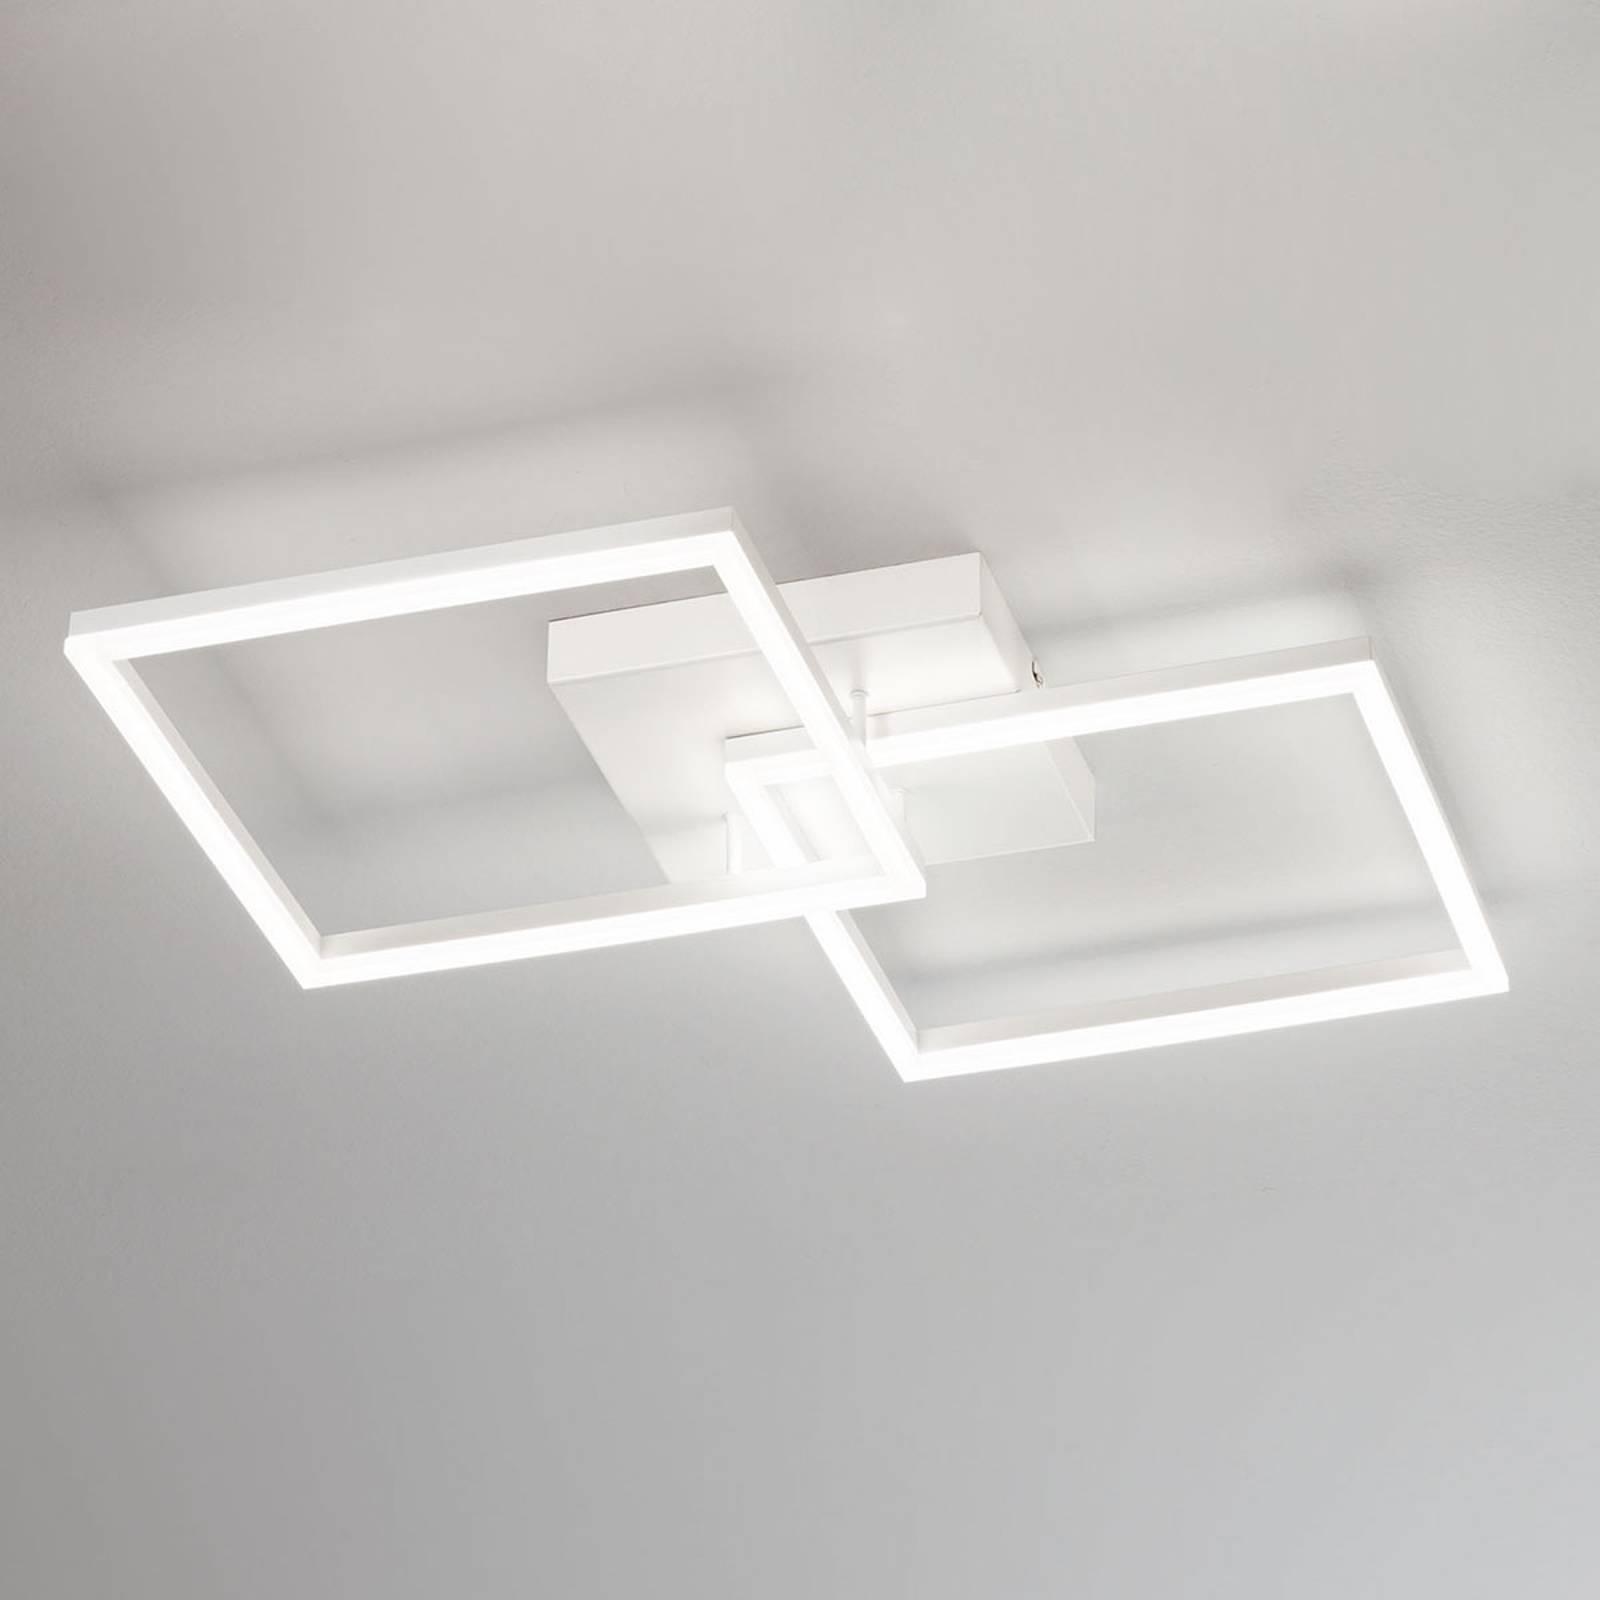 Moderni LED-kattolamppu Bard valkoisena